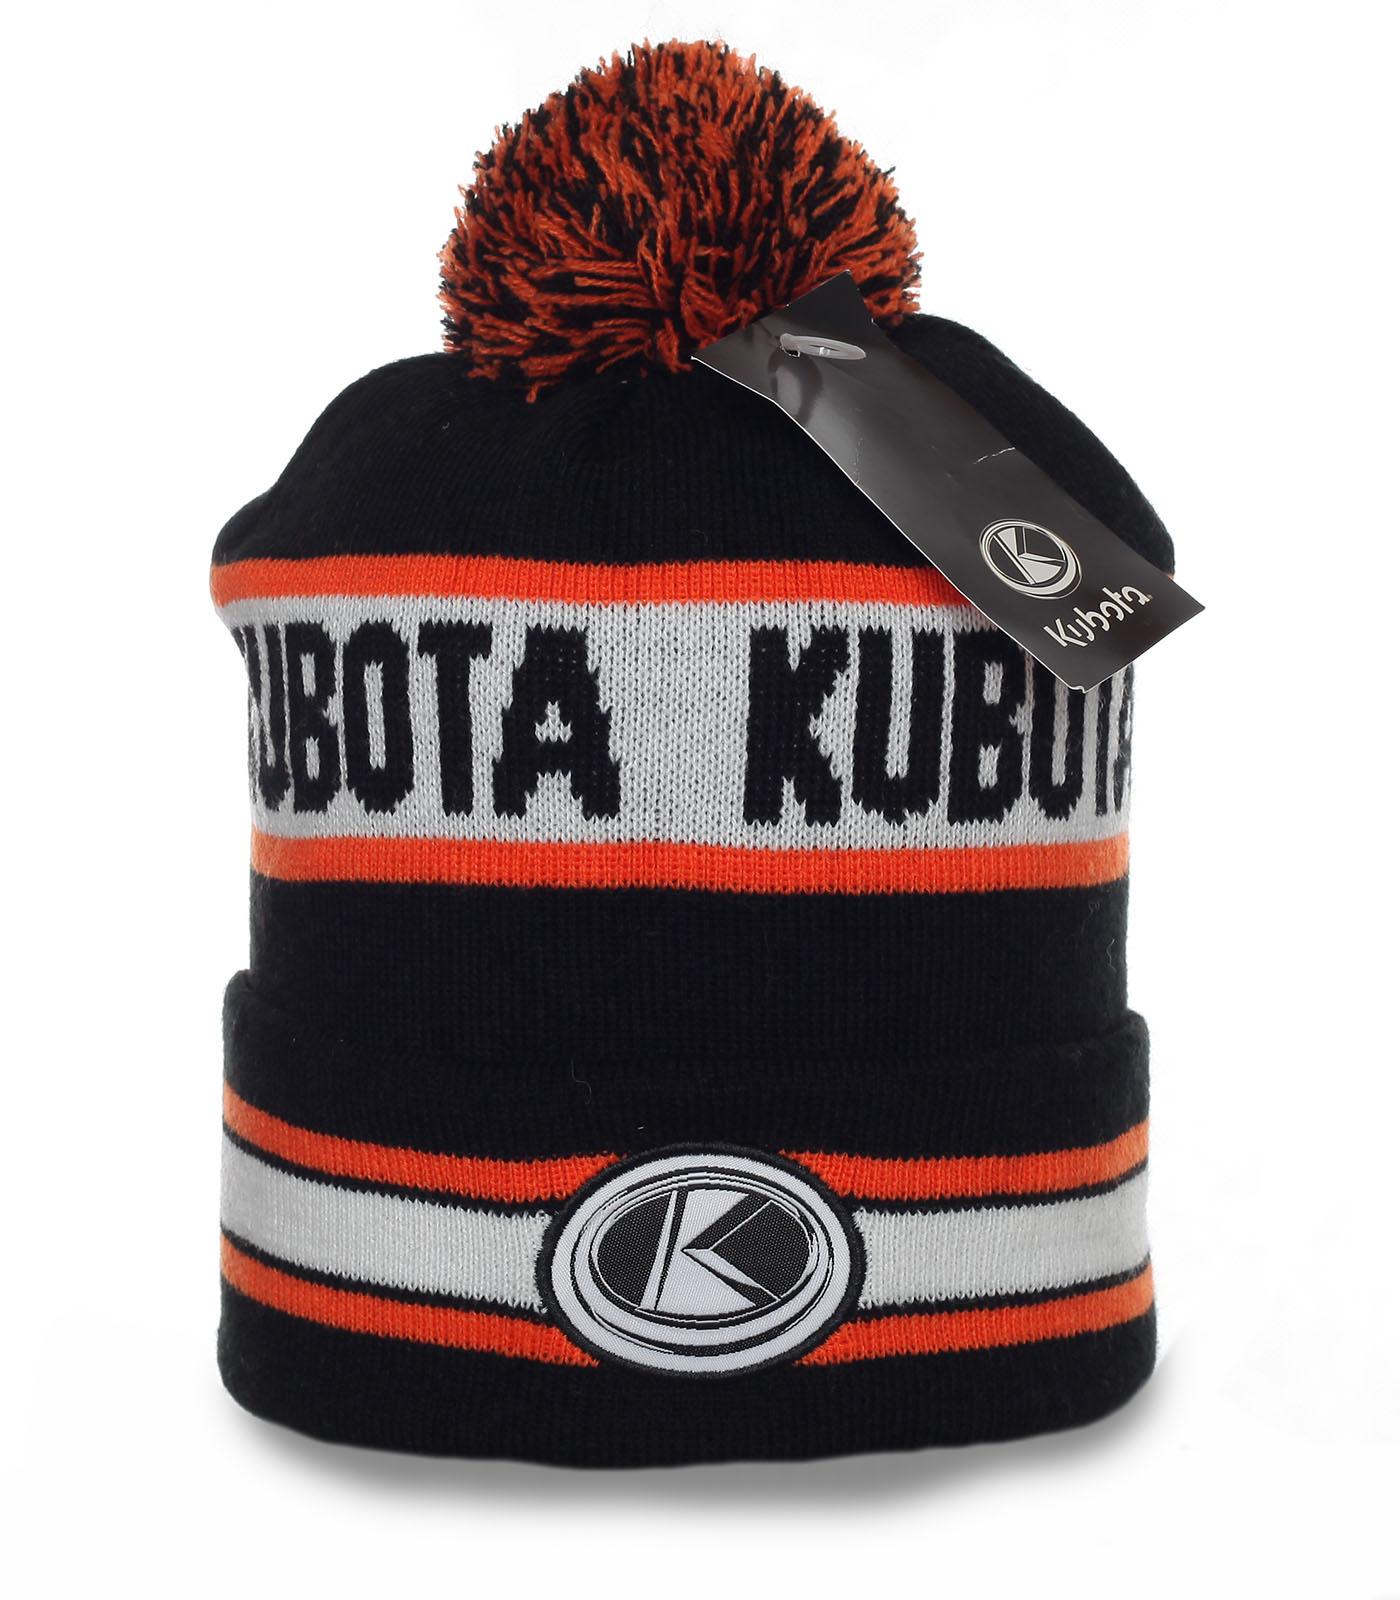 Отменная теплая мужская шапка спортивного стиля спортивным незаурядным парням